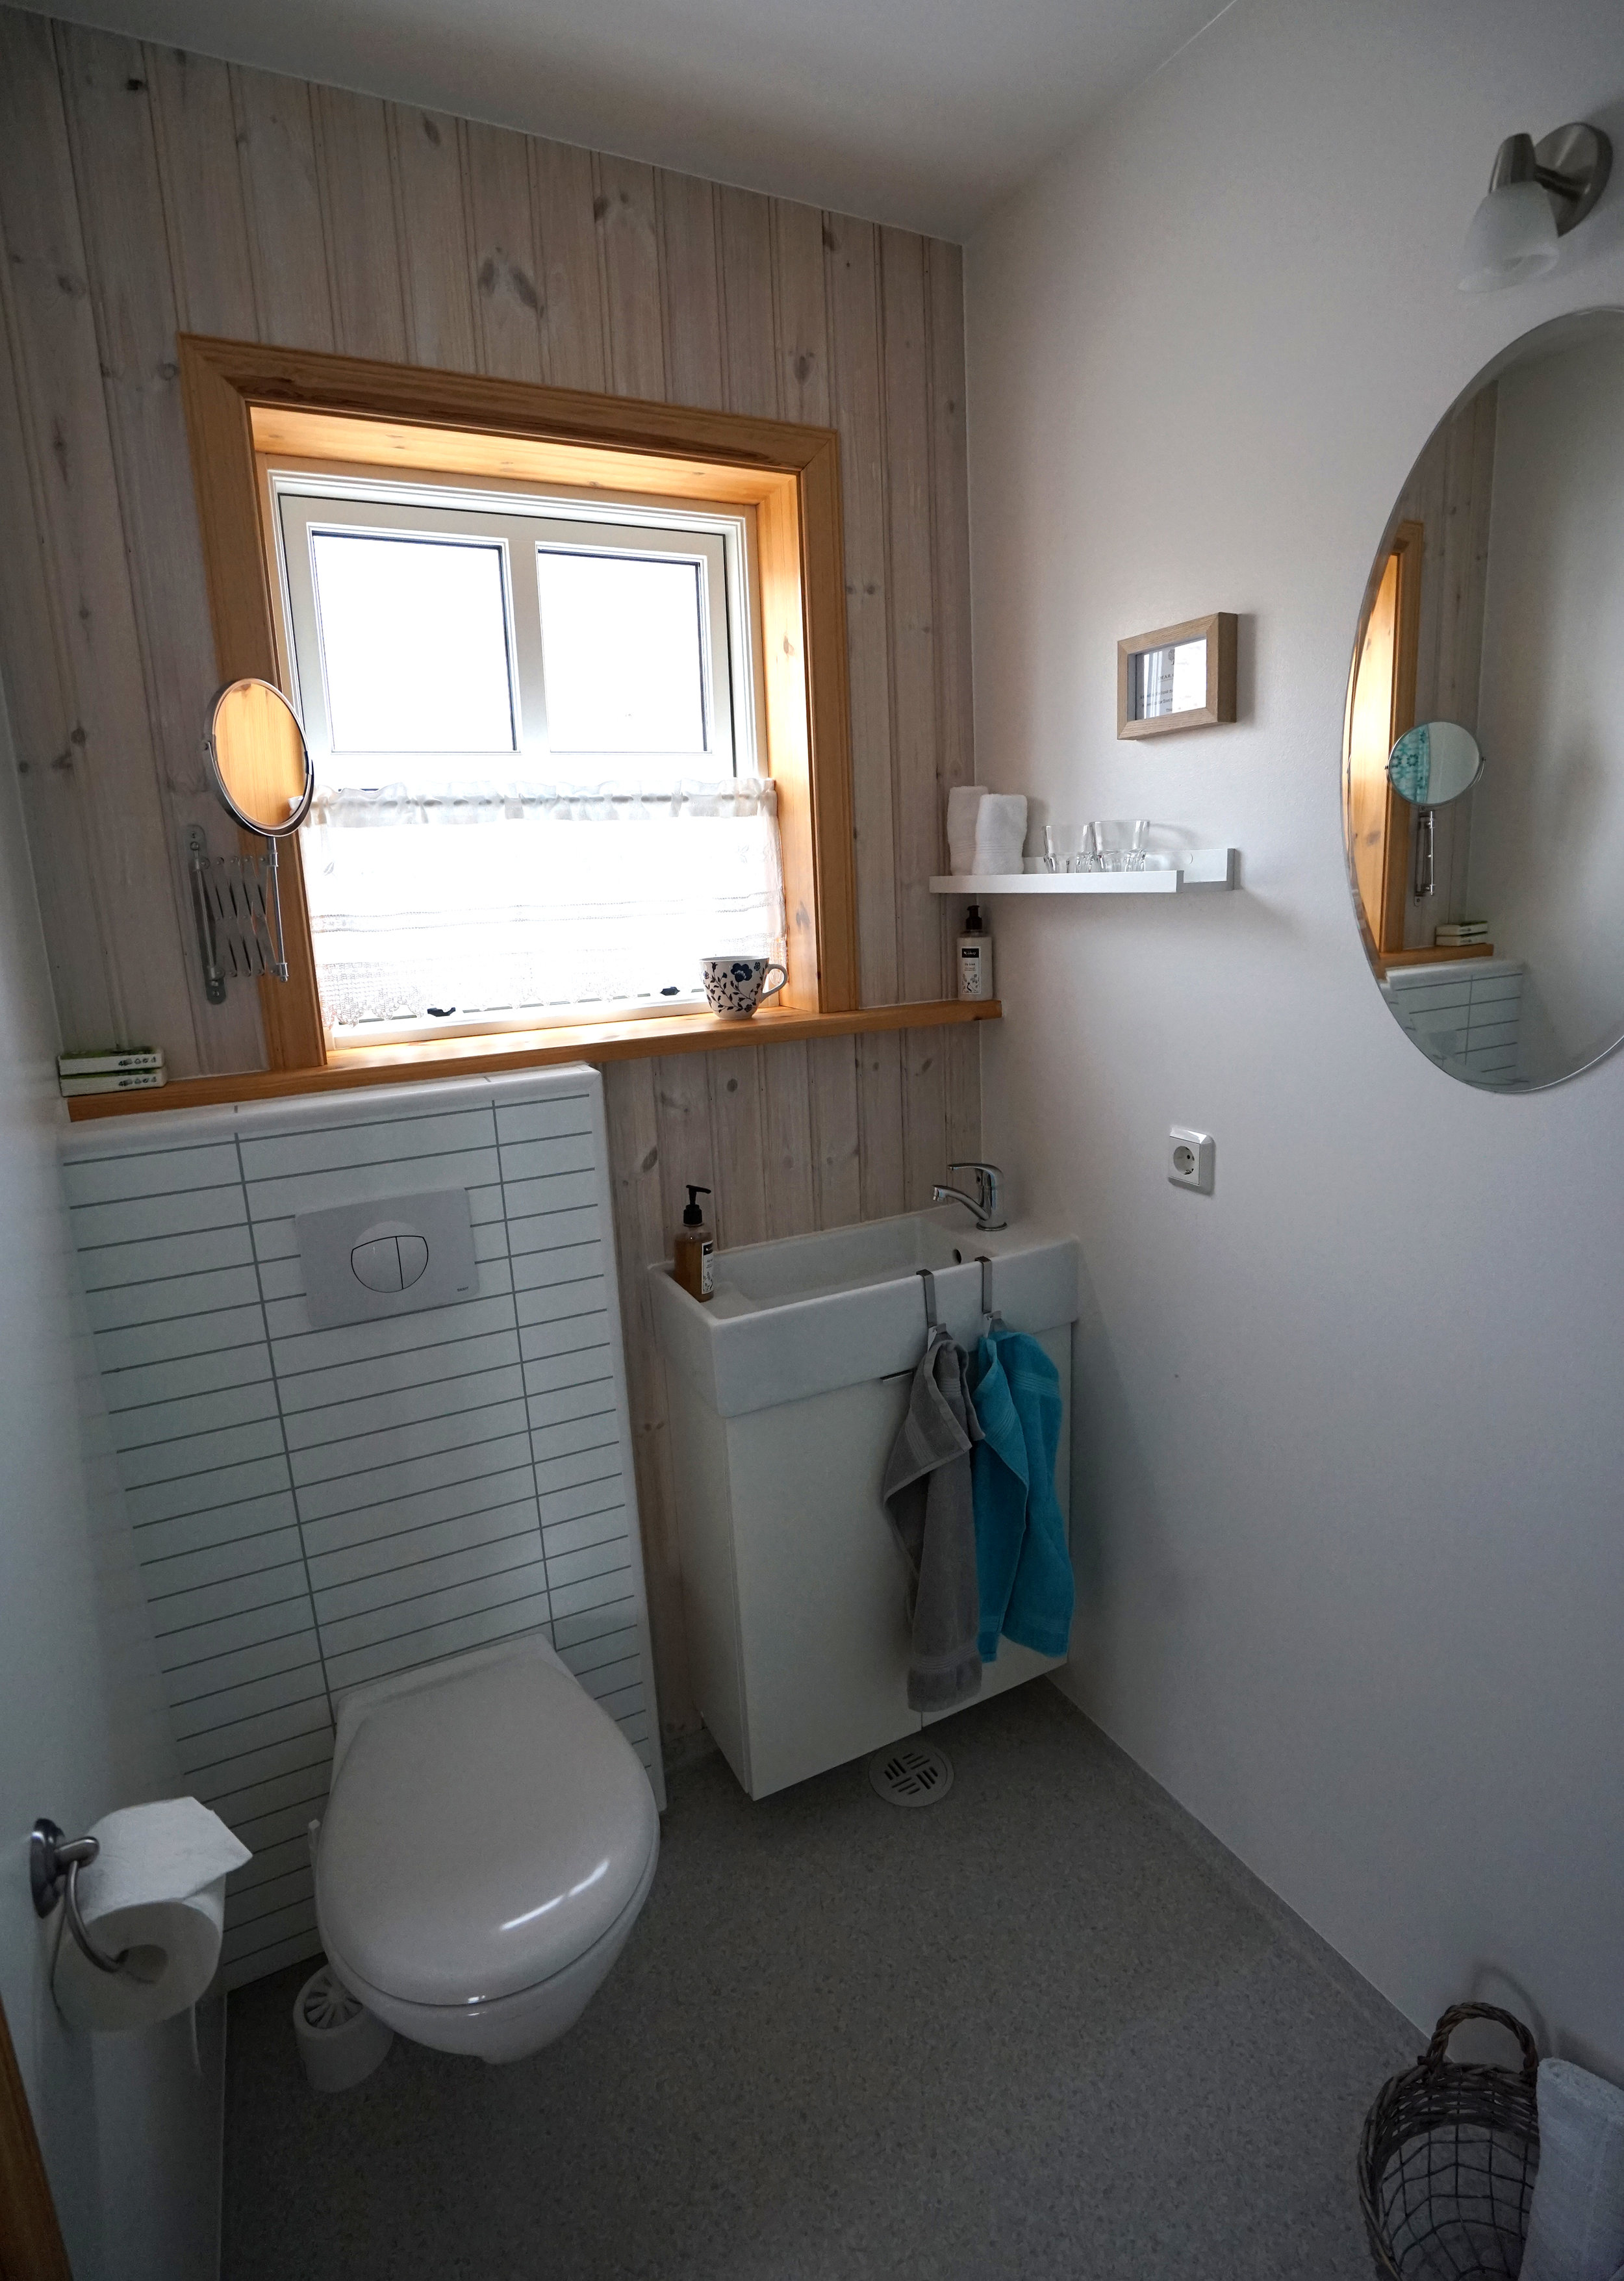 klængshóll-cabin-bathroom-01.jpg